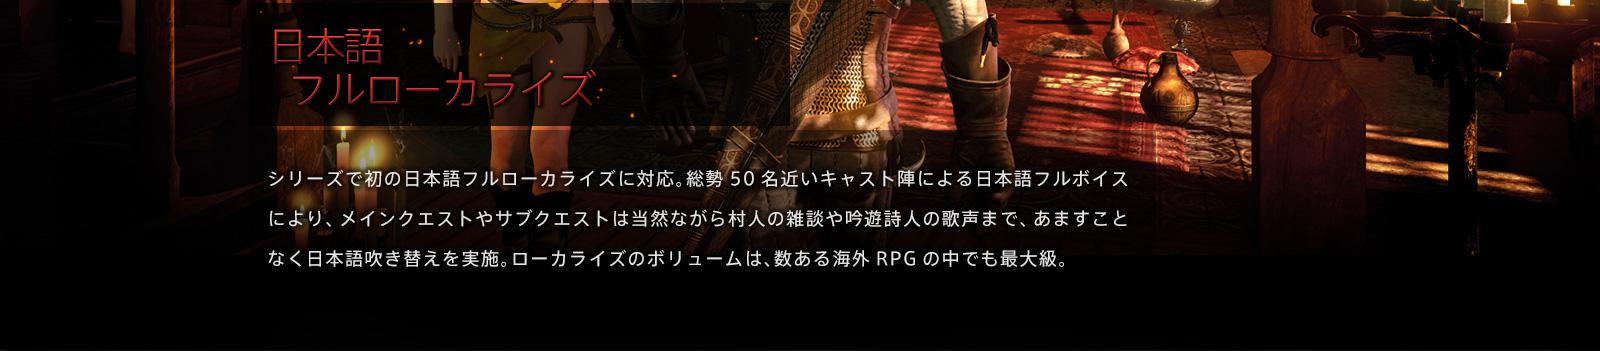 日本語フルローカライズ シリーズで初の日本語フルローカライズに対応。総勢50名近いキャスト陣による日本語フルボイスにより、メインクエストやサブクエストは当然ながら村人の雑談や吟遊詩人の歌声まで、あますことなく日本語吹き替えを実施。ローカライズのボリュームは、数ある海外RPGの中でも最大級。